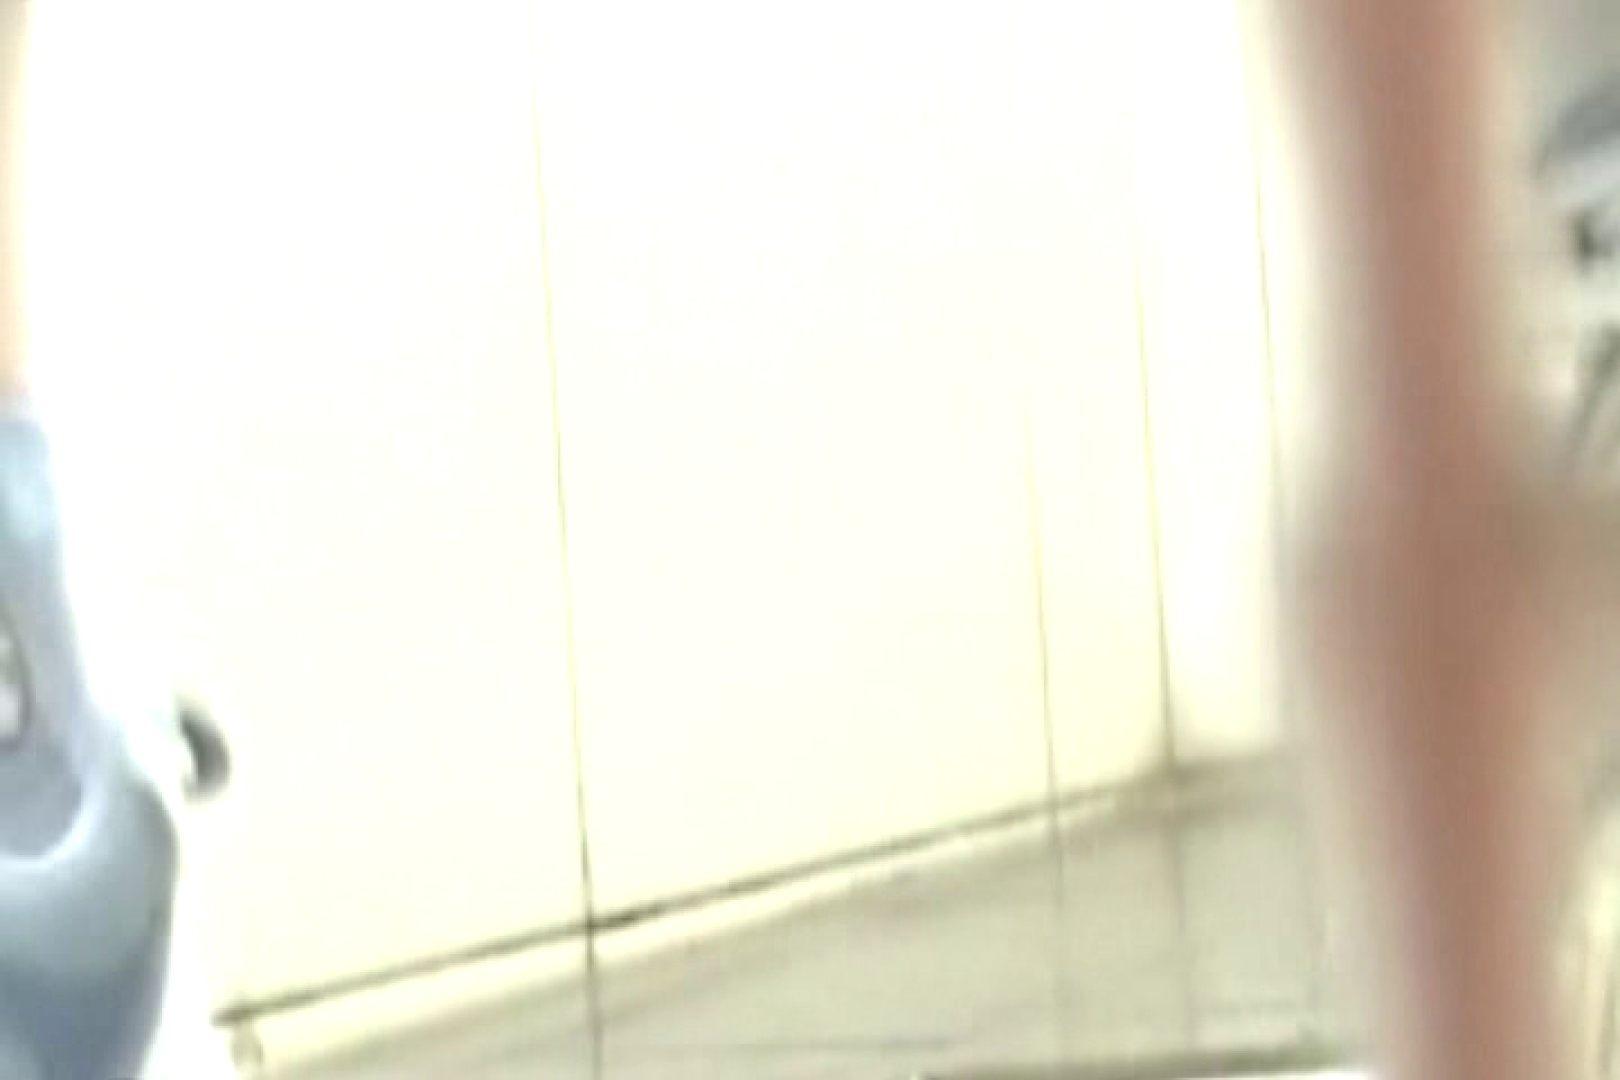 ぼっとん洗面所スペシャルVol.1 おまんこ  107pic 90